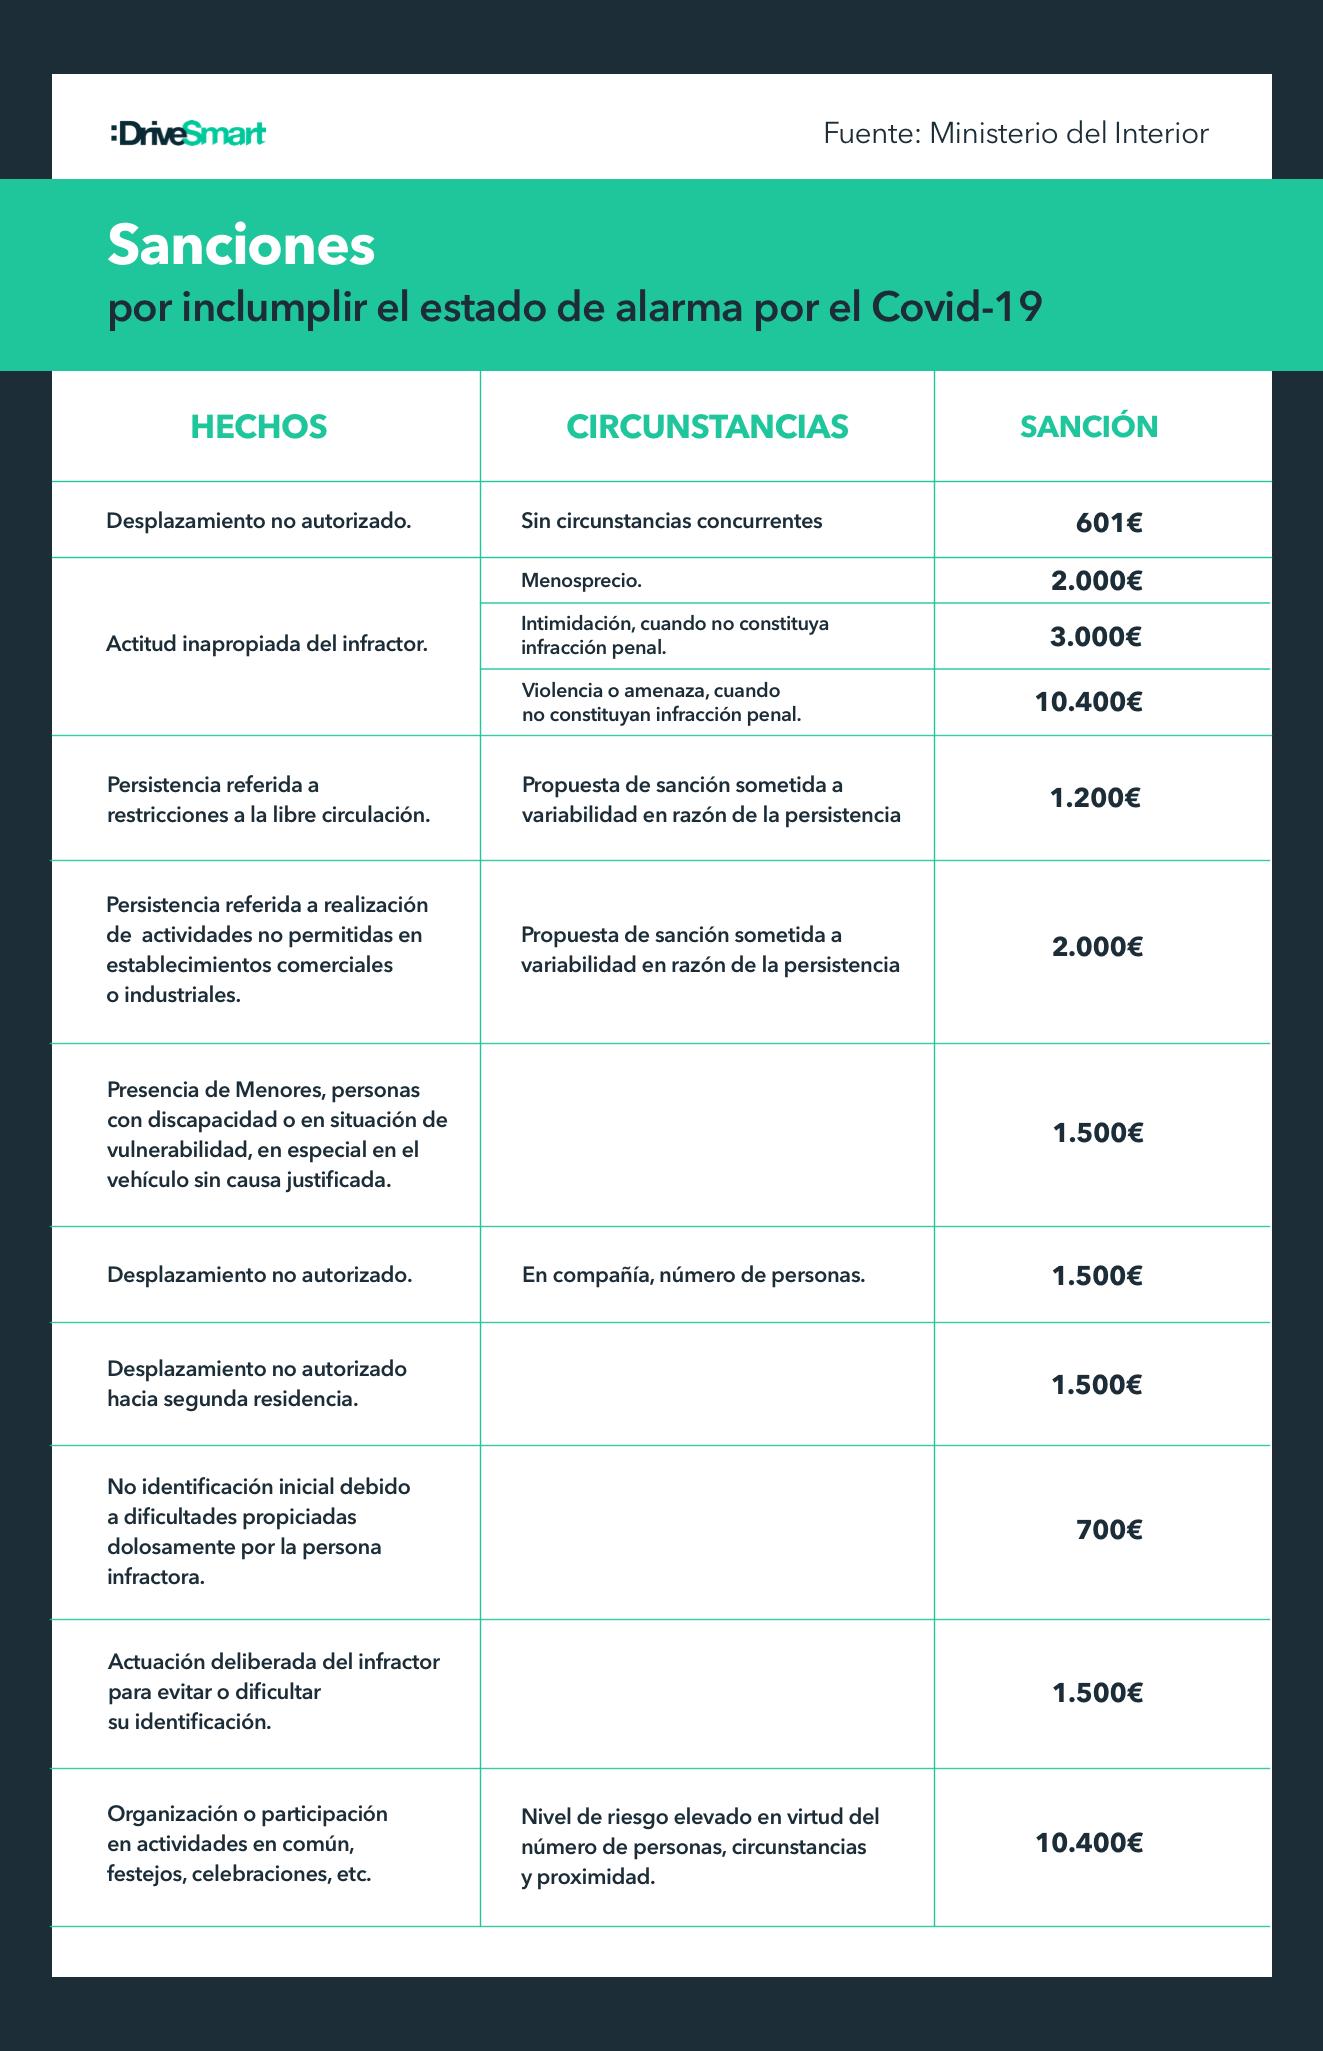 Las sanciones, durante el Estado de Alarma en España